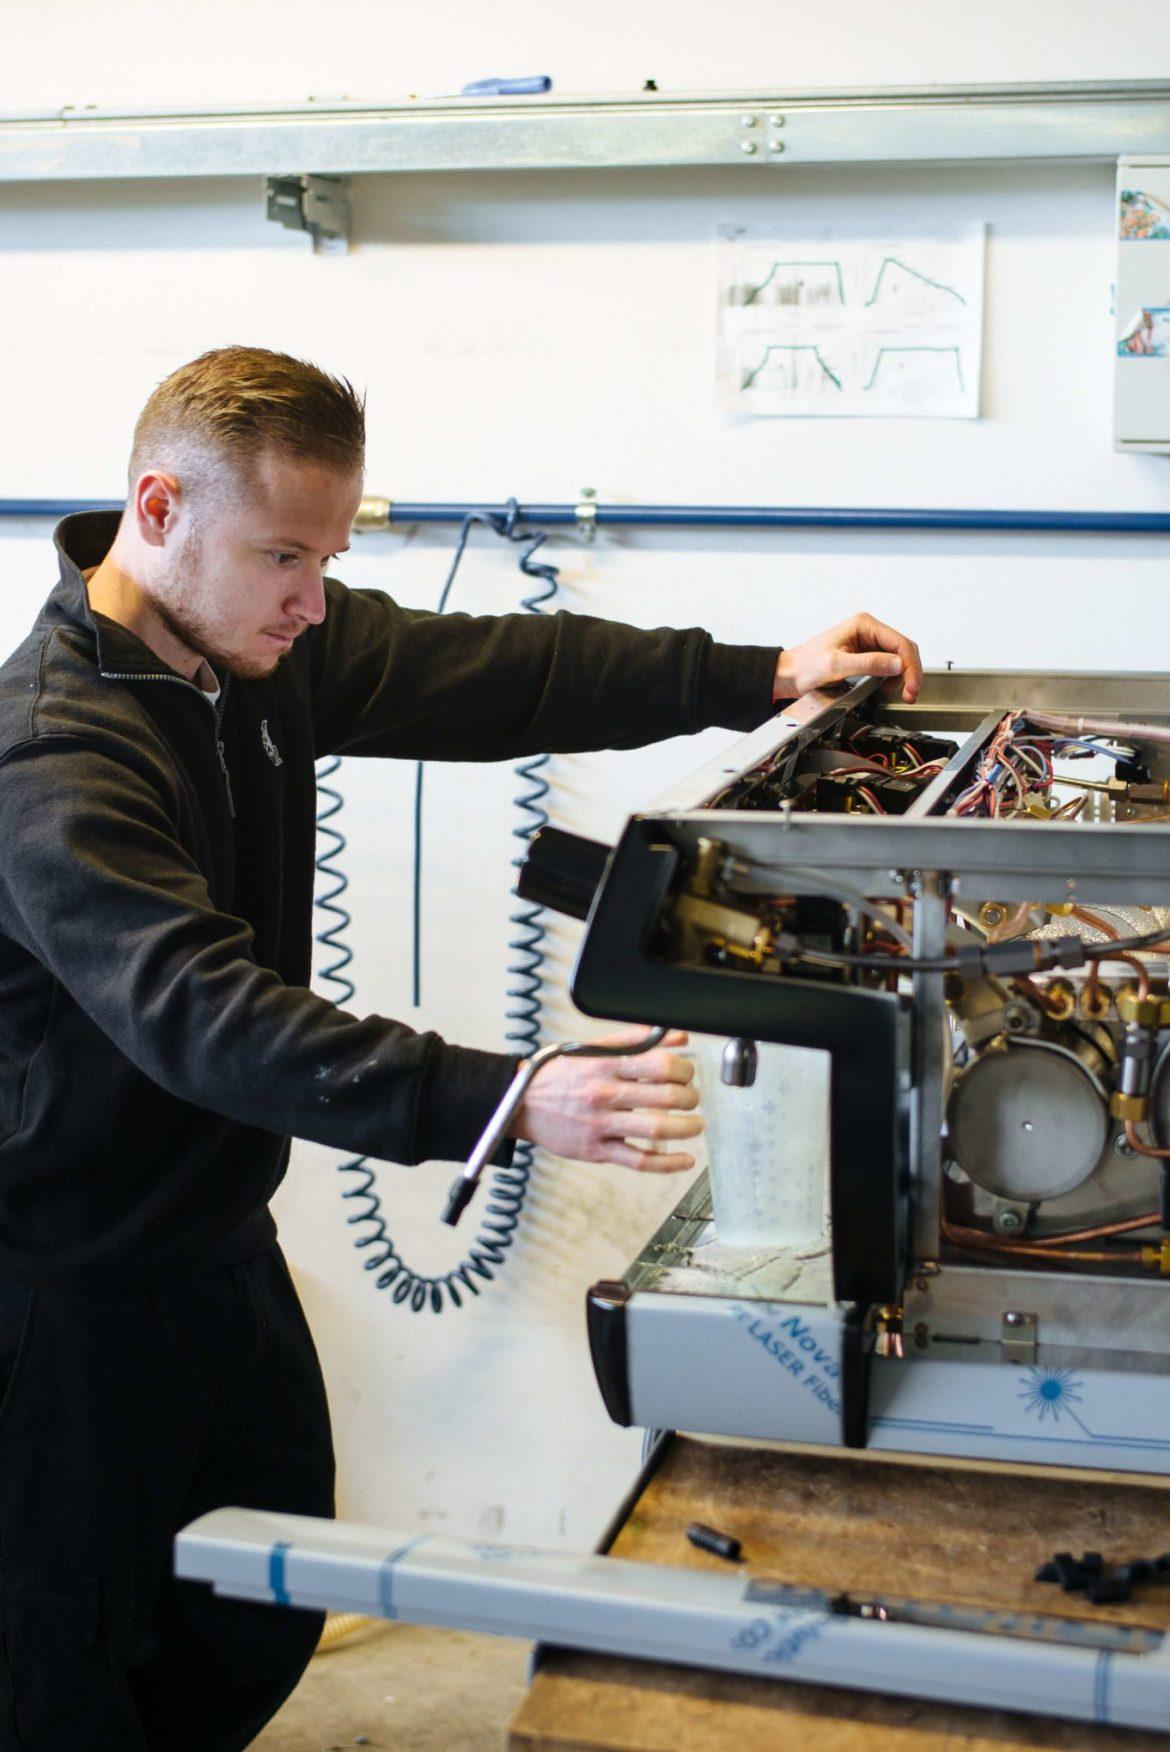 Bench Testing the La Marzocco Linea Espresso maker La Marzocco Factory Tour in Florence, The Taste Edit